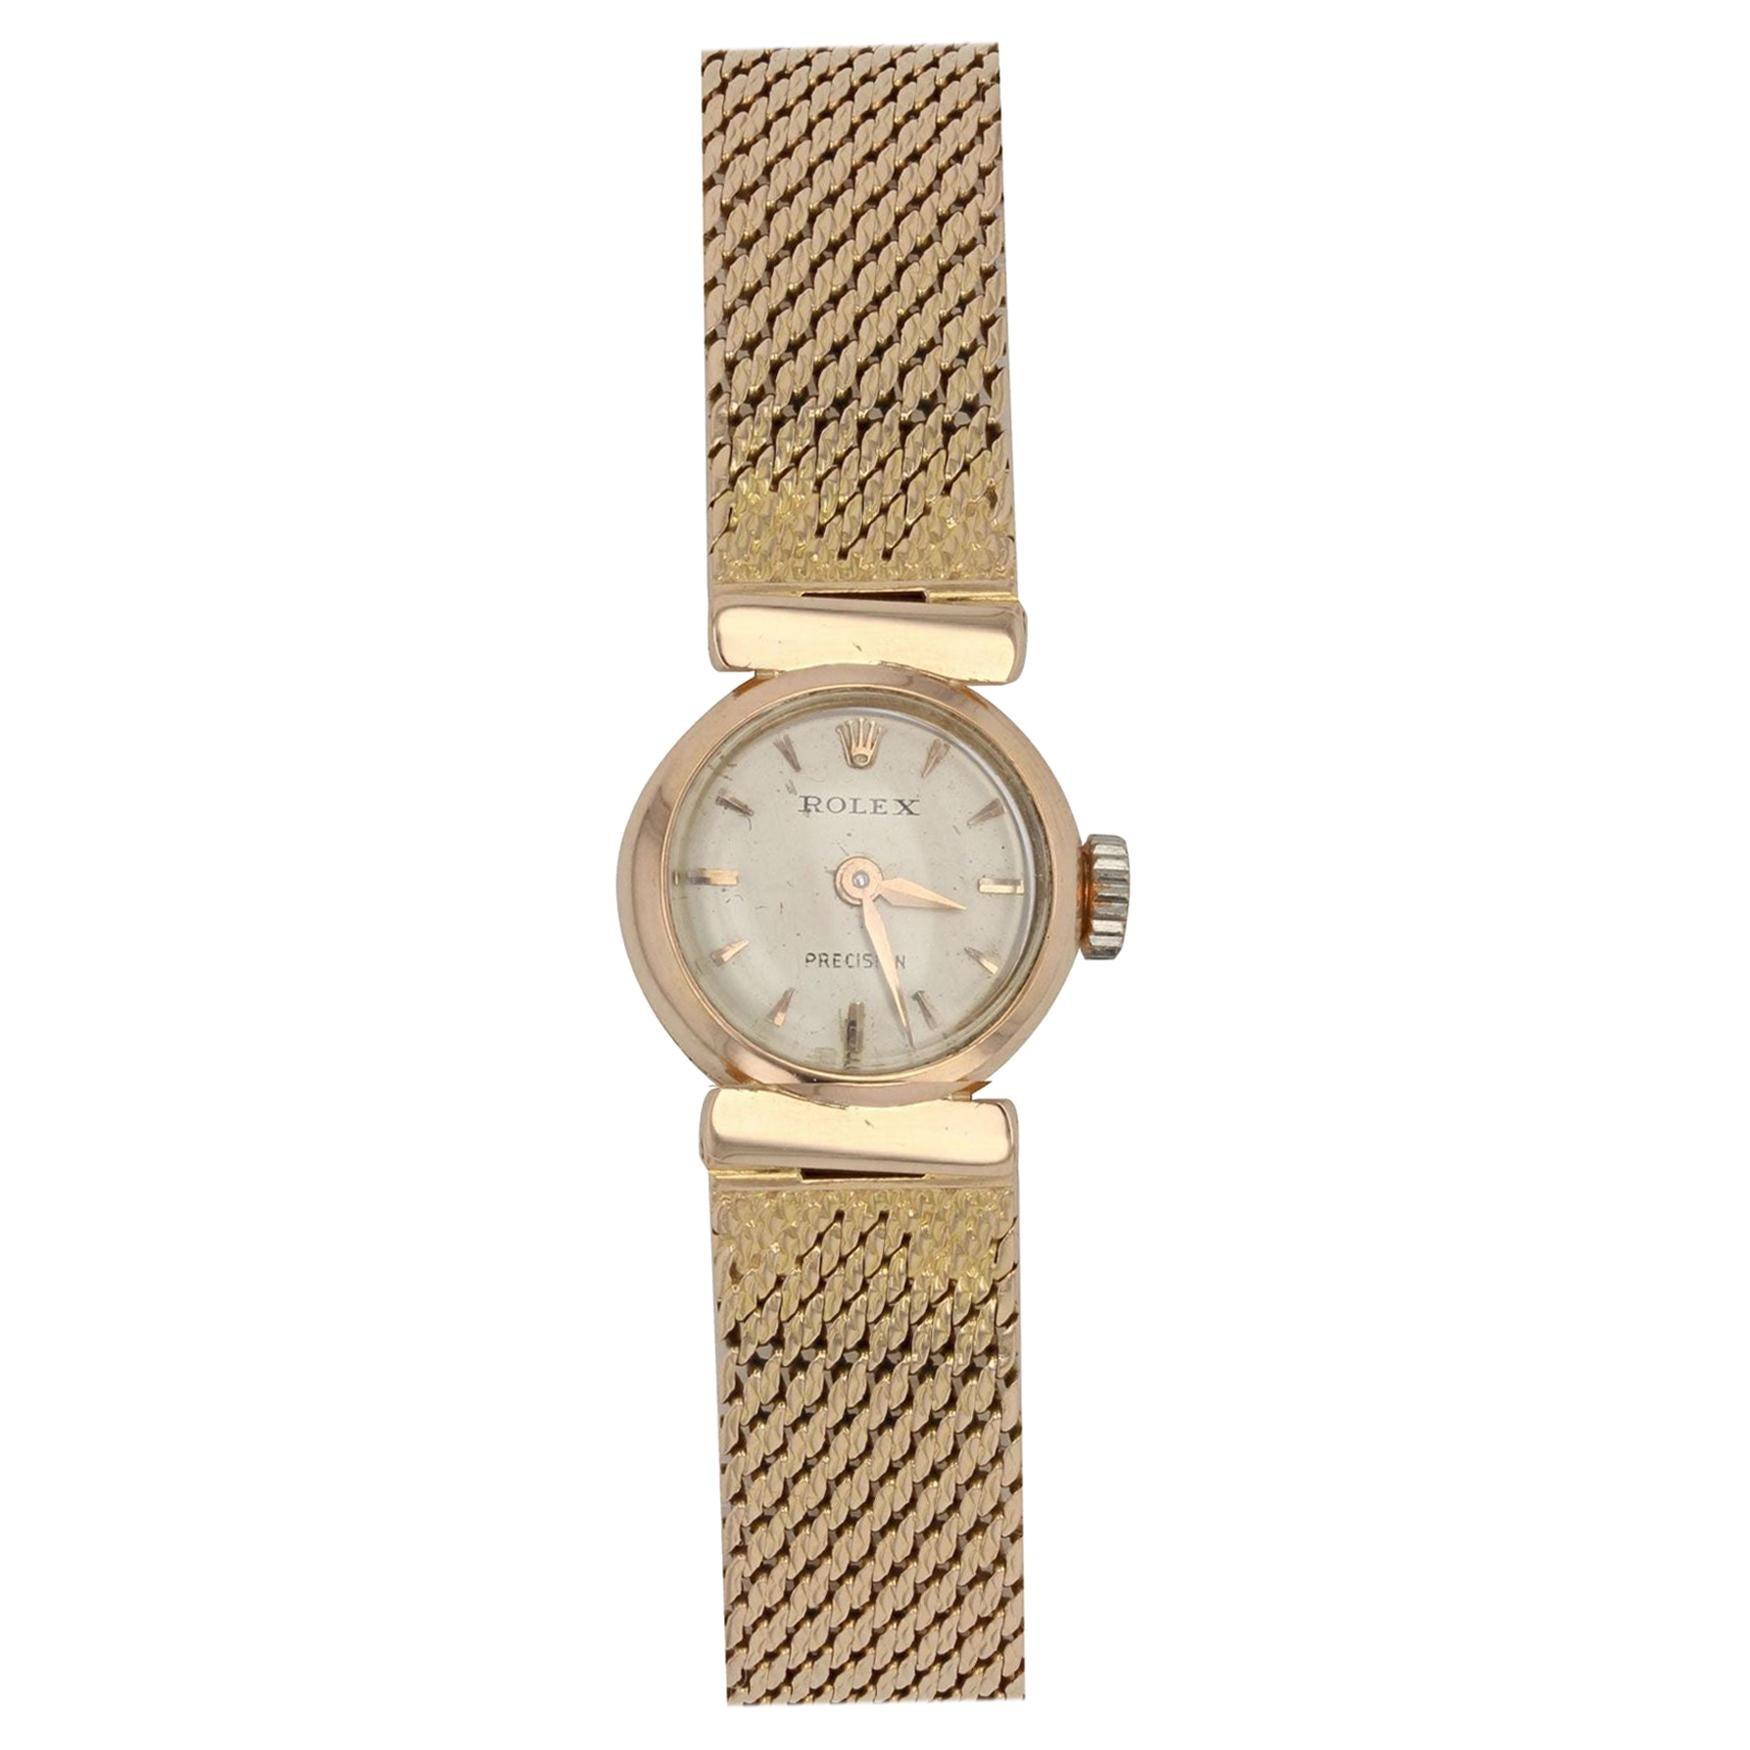 1950s Rolex 18 Karat Yellow Gold Ladies Wristwatch